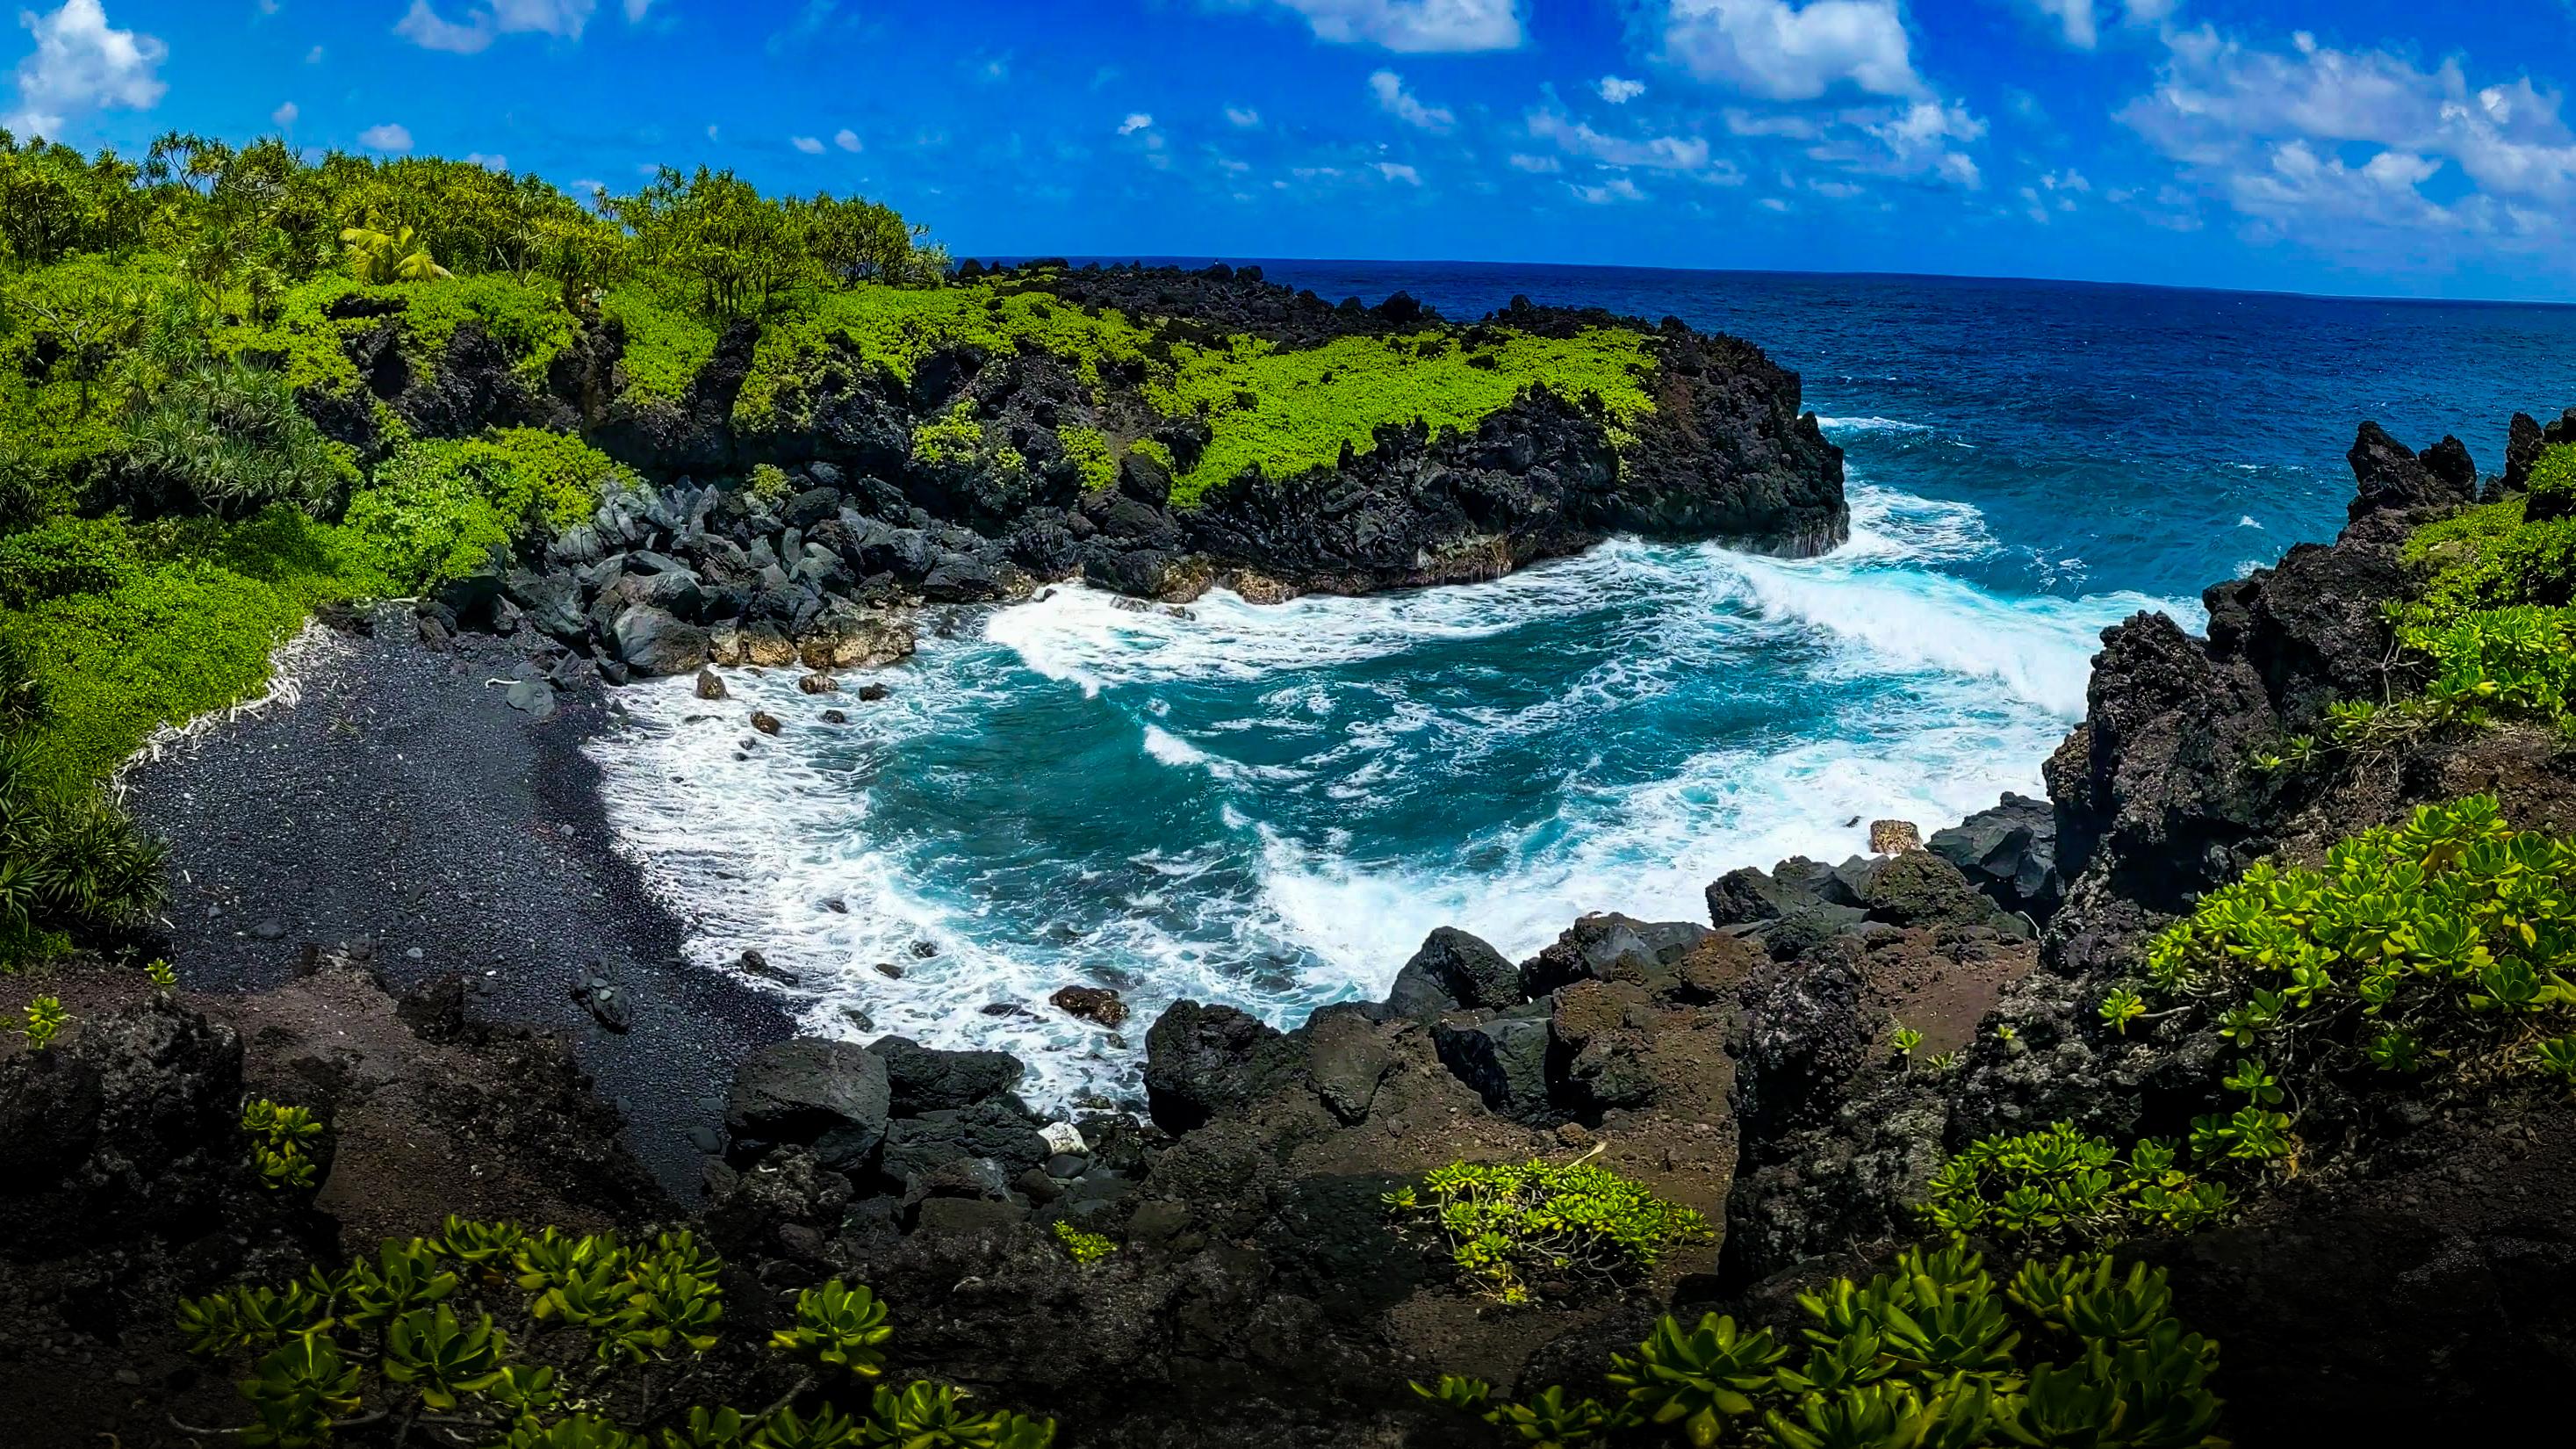 Waianapanapa State Park shore in Maui, Hawaii